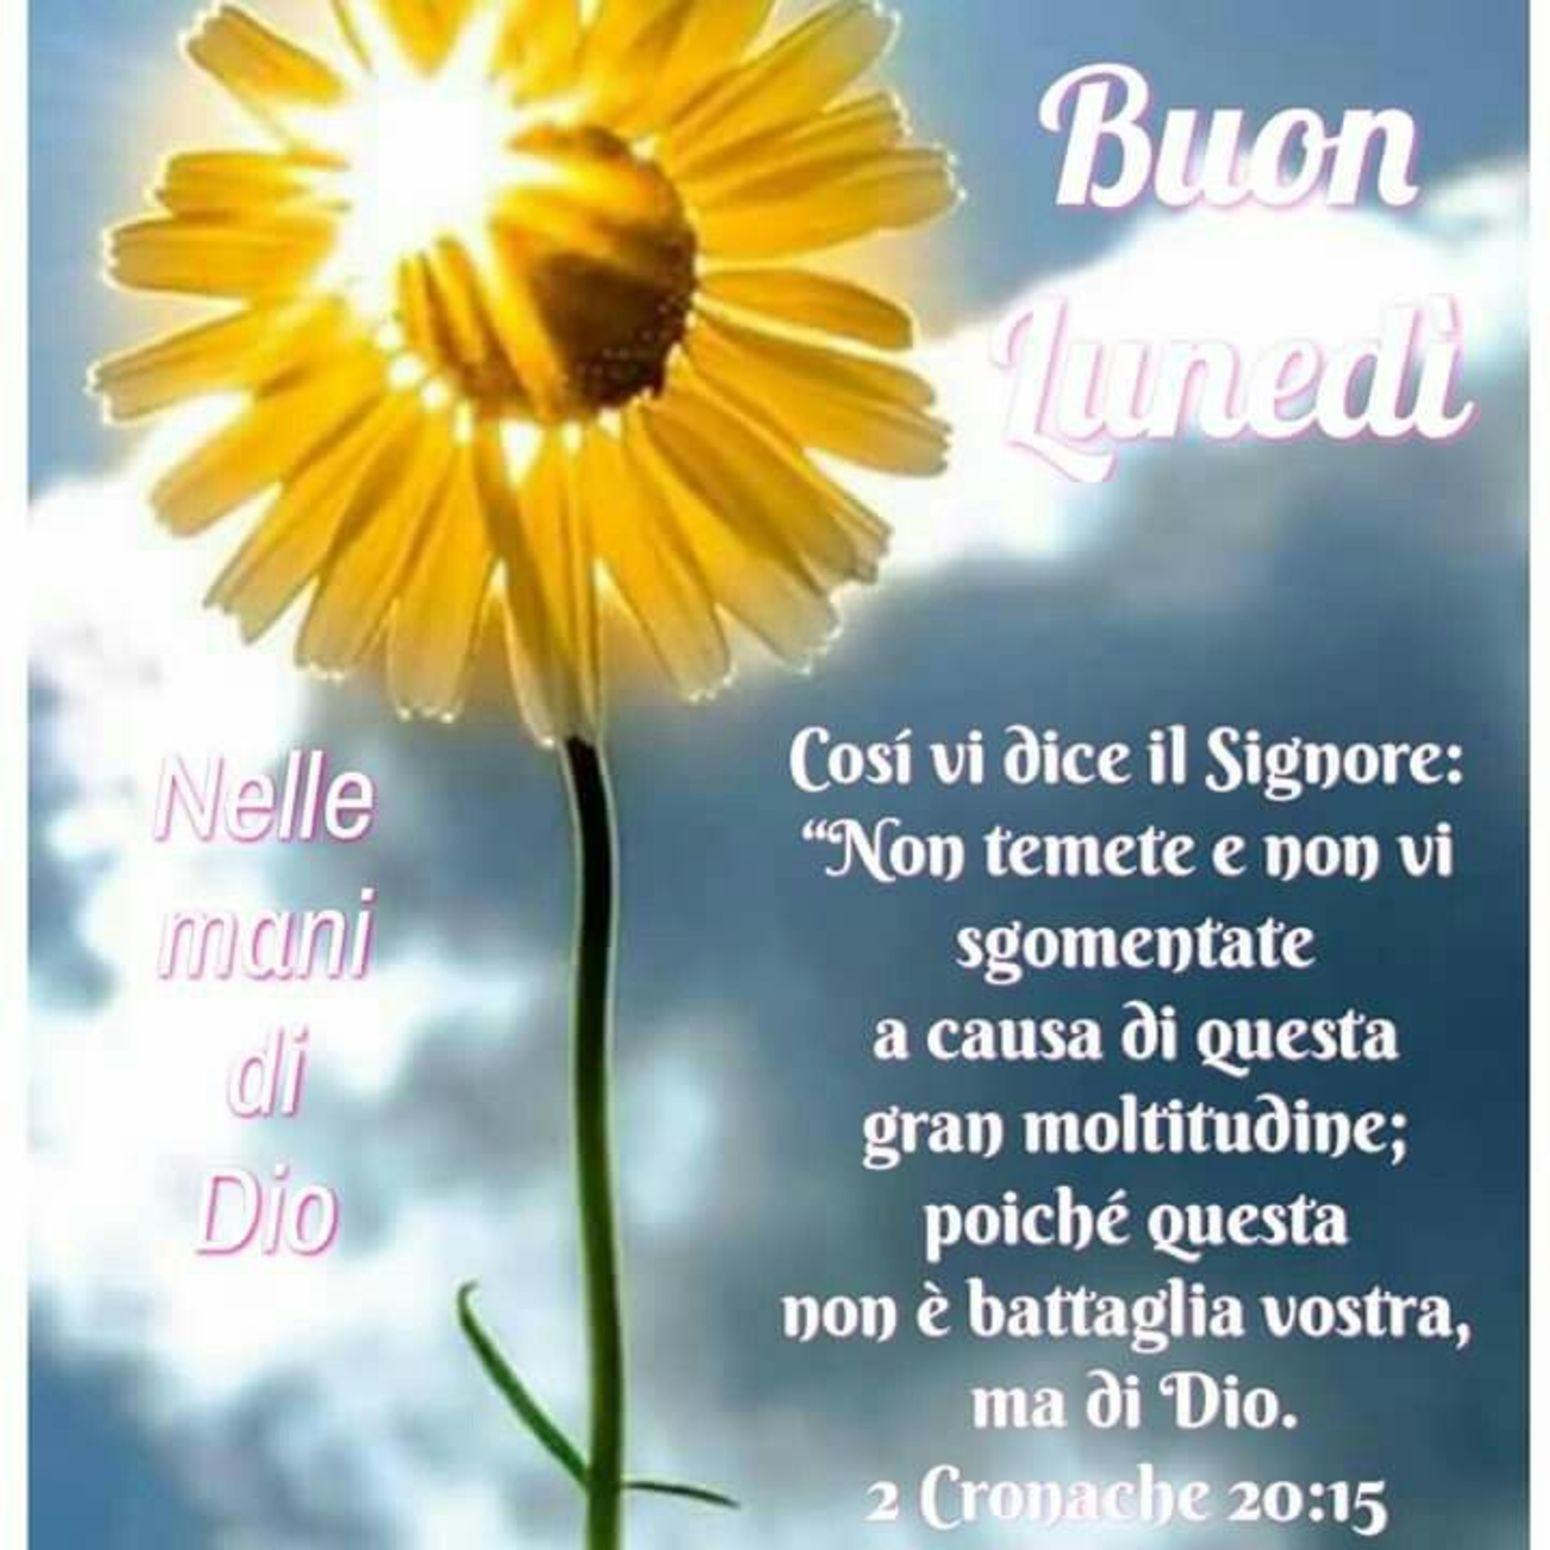 Frasi Buongiorno Buon Lunedi.Buongiorno E Buon Lunedi Con Frasi Della Bibbia Buon Lunedi Buongiorno Lunedi